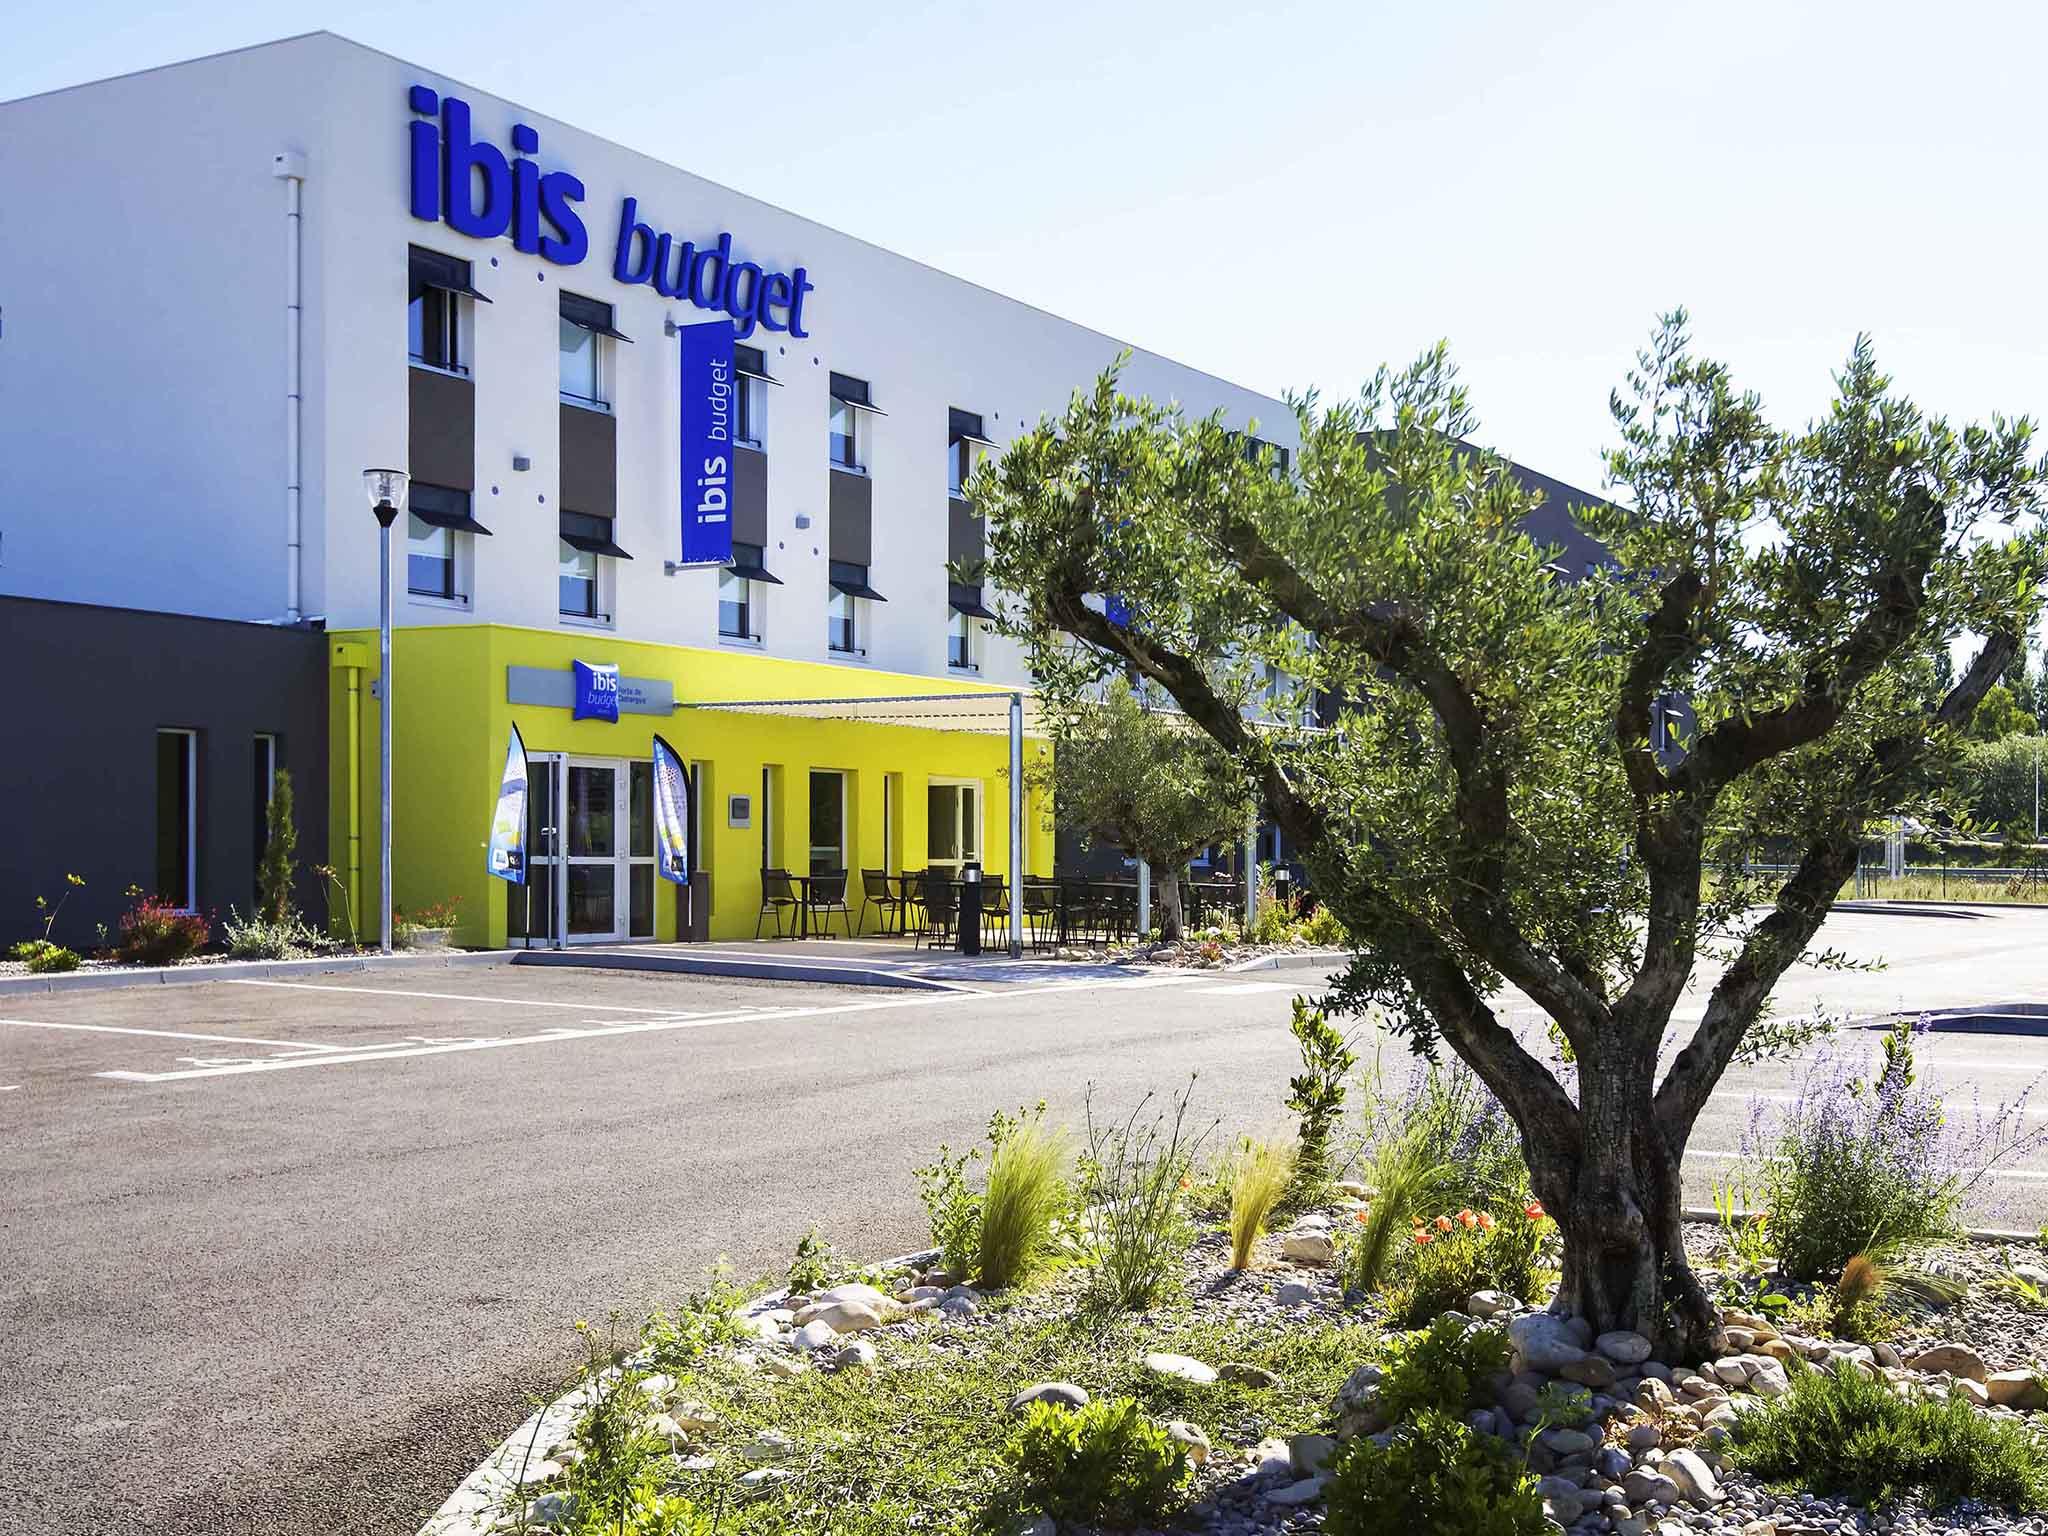 Hotel – ibis budget Saint-Martin-de-Crau Porte de Camargue